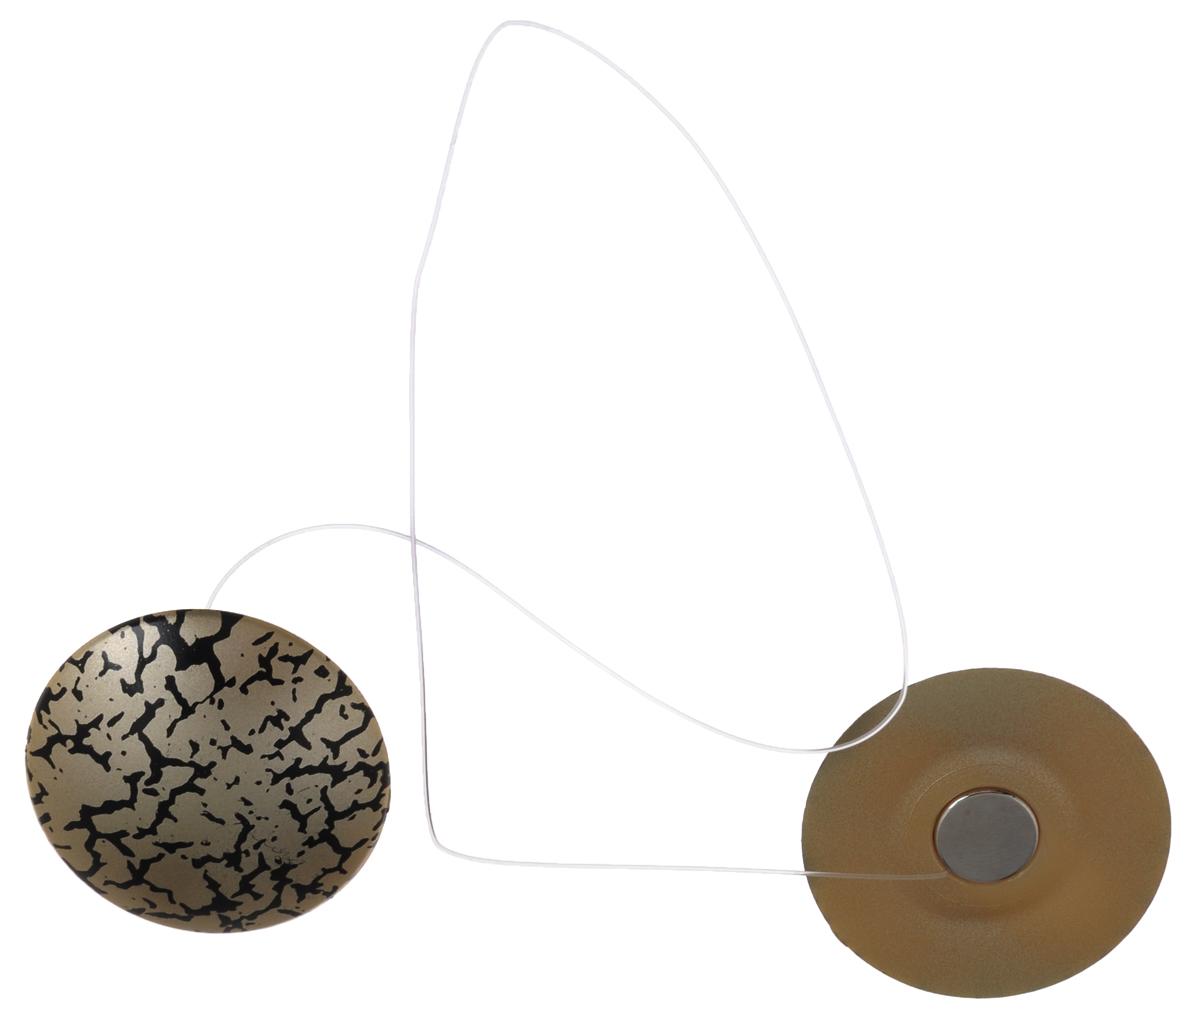 Клипсы магнитные для штор SmolTtx Трещины, с леской, цвет: темно-бежевый, черный, длина 33,5 см, 2 шт544091_19ЕМагнитные клипсы SmolTtx Трещины предназначены для придания формы шторам. Изделие представляет собой соединенные леской два элемента, на внутренней поверхности которых расположены магниты.С помощью такой клипсы можно зафиксировать портьеры, придать им требуемое положение, сделать складки симметричными или приблизить портьеры, скрепить их.Следует отметить, что такие аксессуары для штор выполняют не только практическую функцию, но также являются одной из основных деталей декора, которая придает шторам восхитительный, стильный внешний вид. Длина клипсы (с учетом лески): 33,5 см. Диаметр клипсы: 3,5 см.